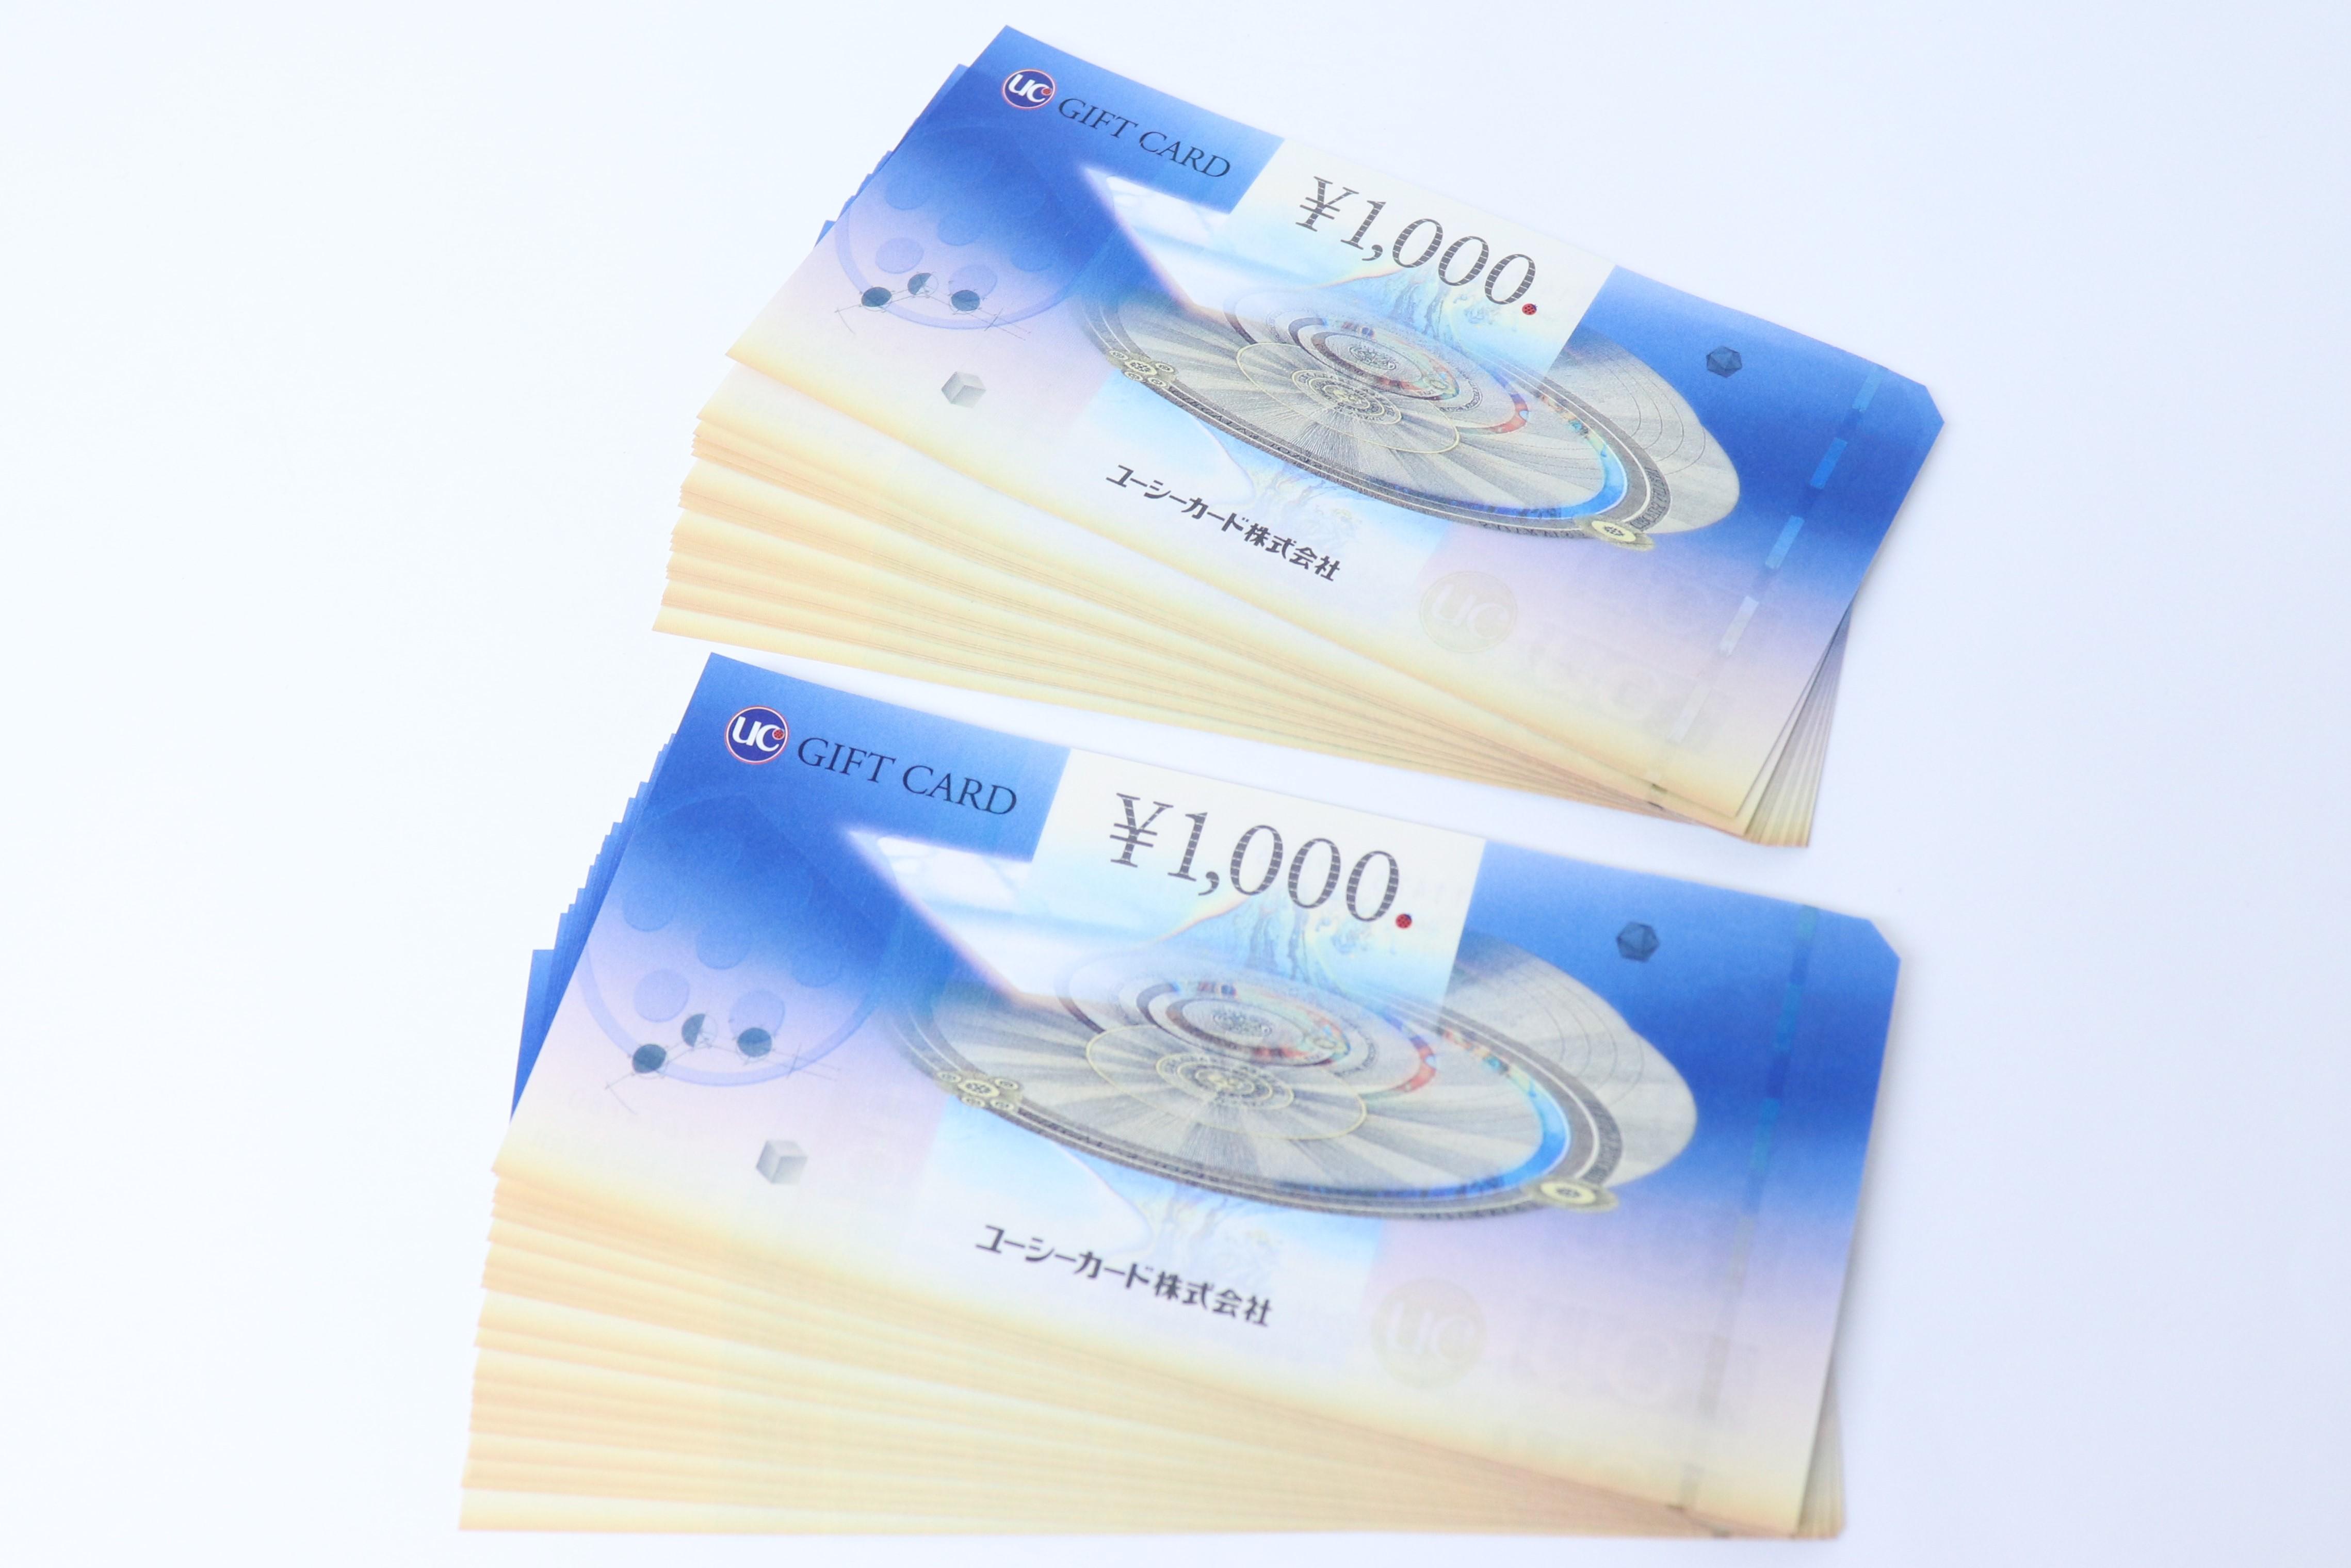 UCギフトカード(ギフト券)1000円×40枚 ※11月買取キャンペーンの為、通常レートより1%アップ